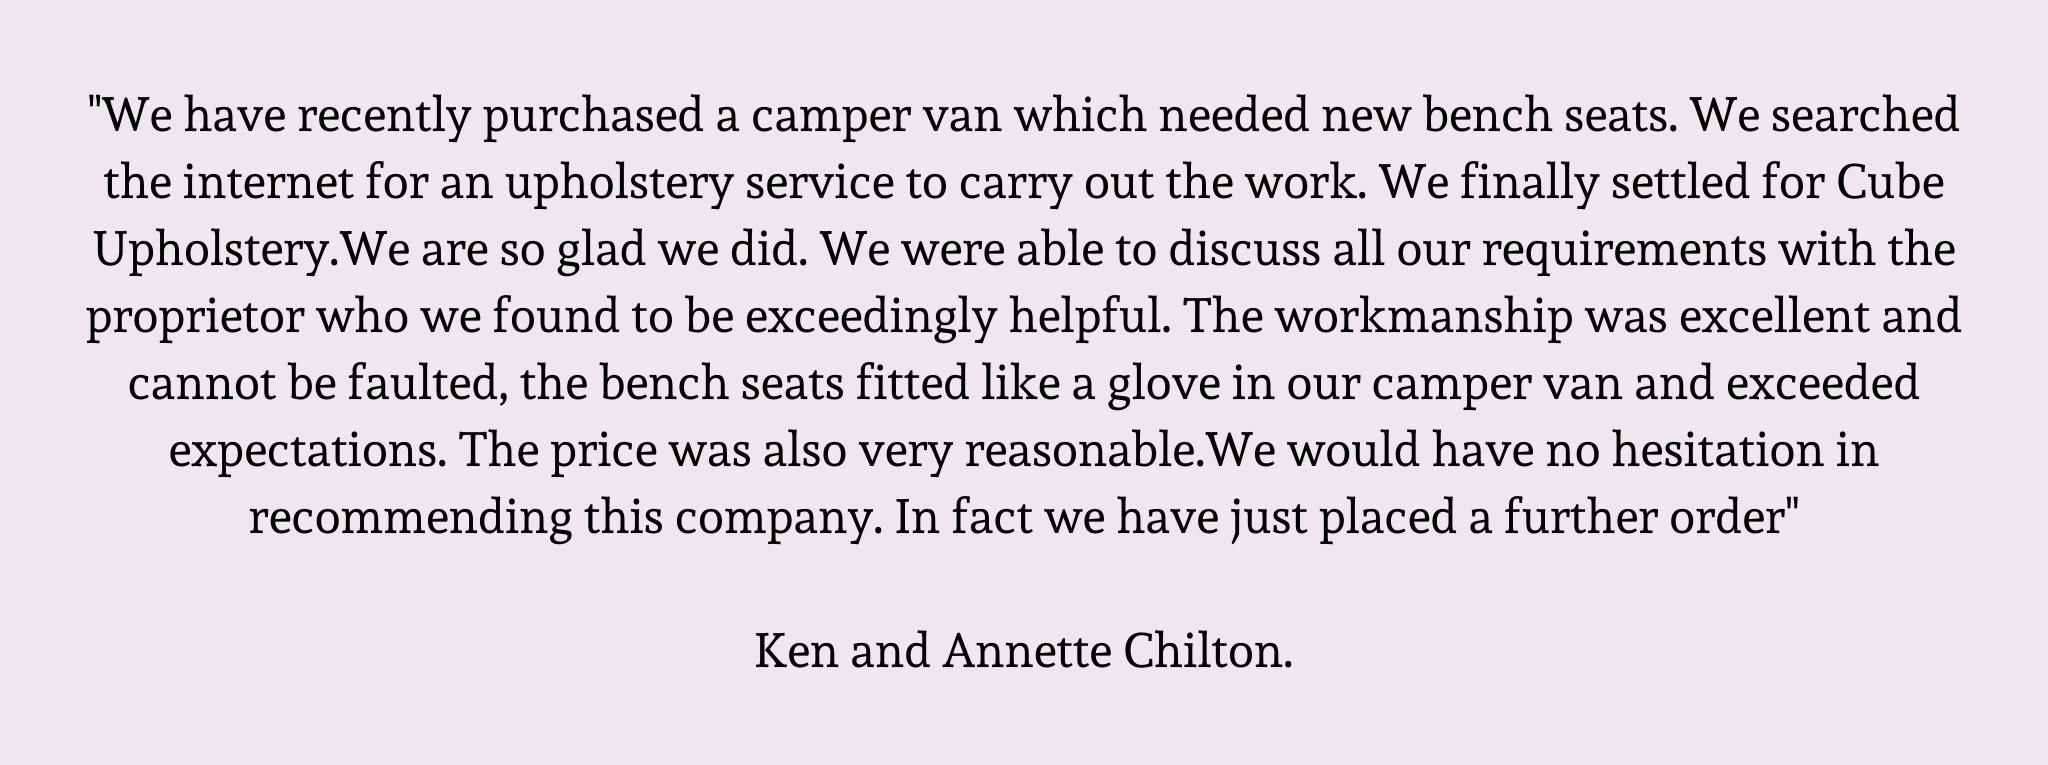 campervan upholstery HAPPY CAMPERS praise 7